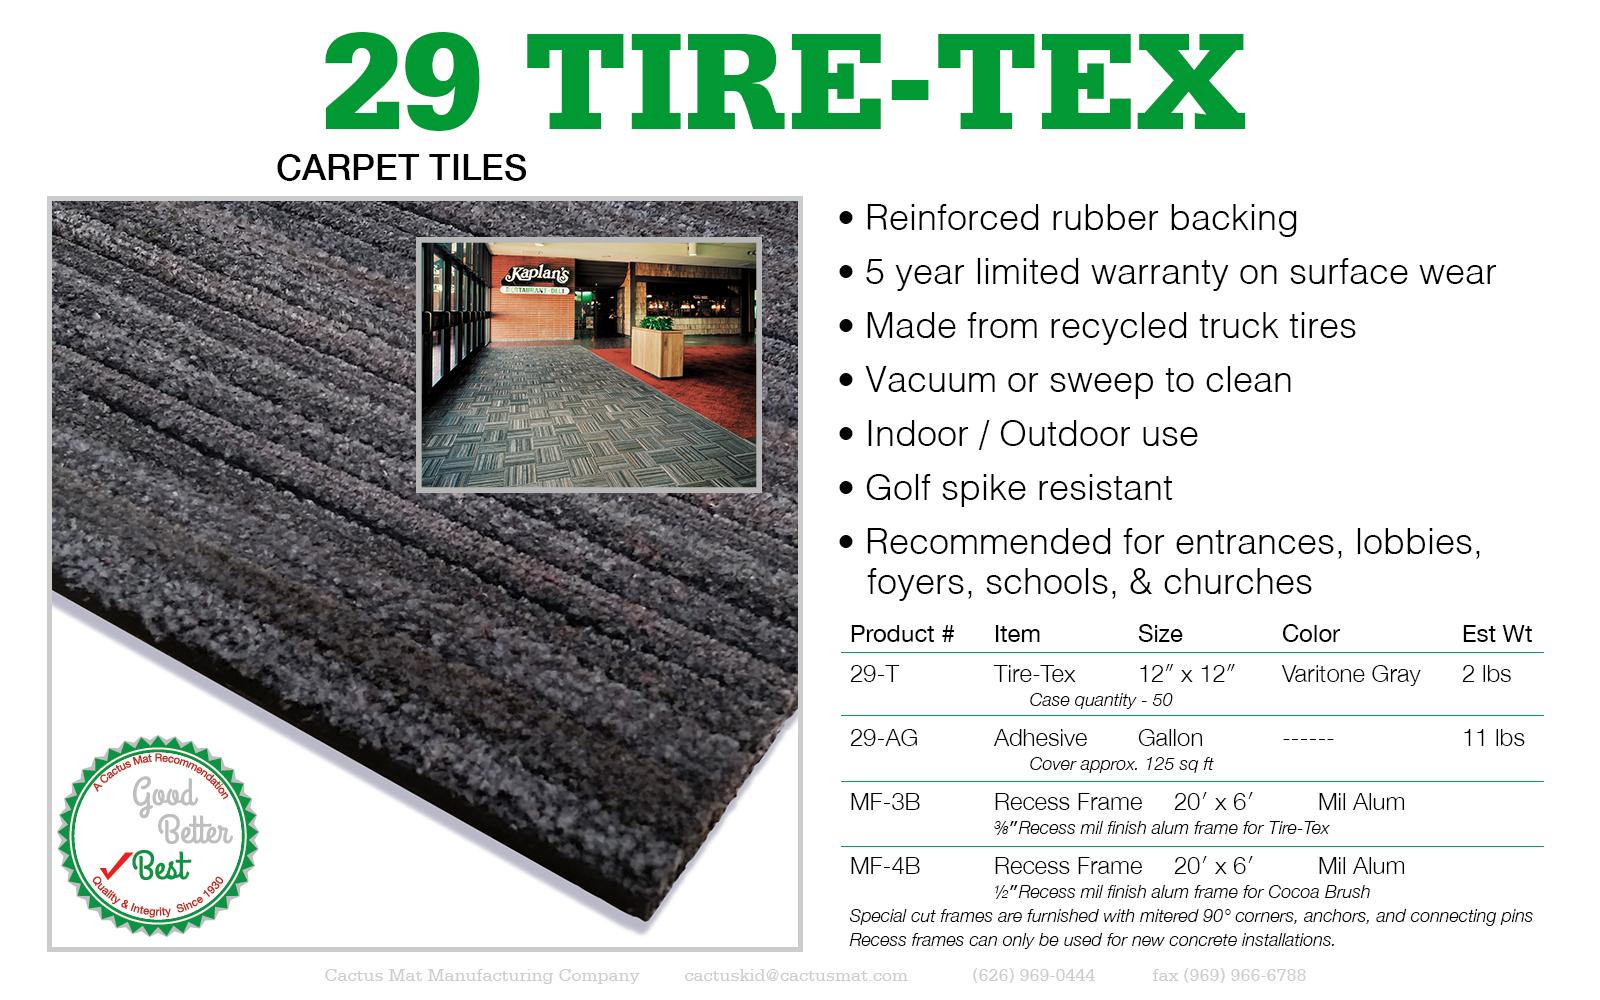 29_Tire-Tex_A1600x1000.jpg